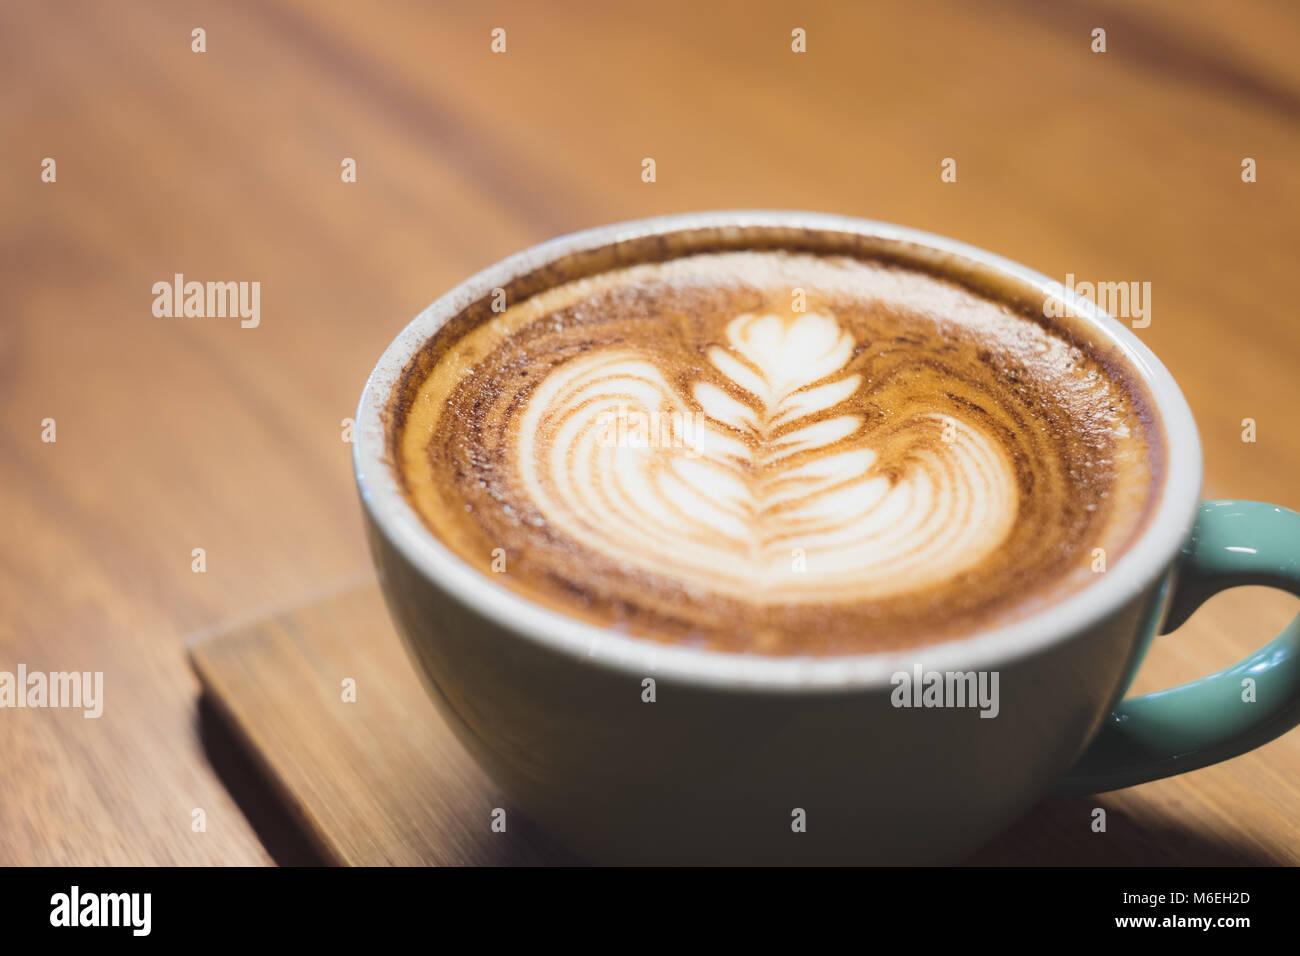 Close up heißen Cappuccino Tasse mit Herzform latte Kunst auf Holz Tisch im Cafe, Drak Tone Filter, Essen und Stockbild